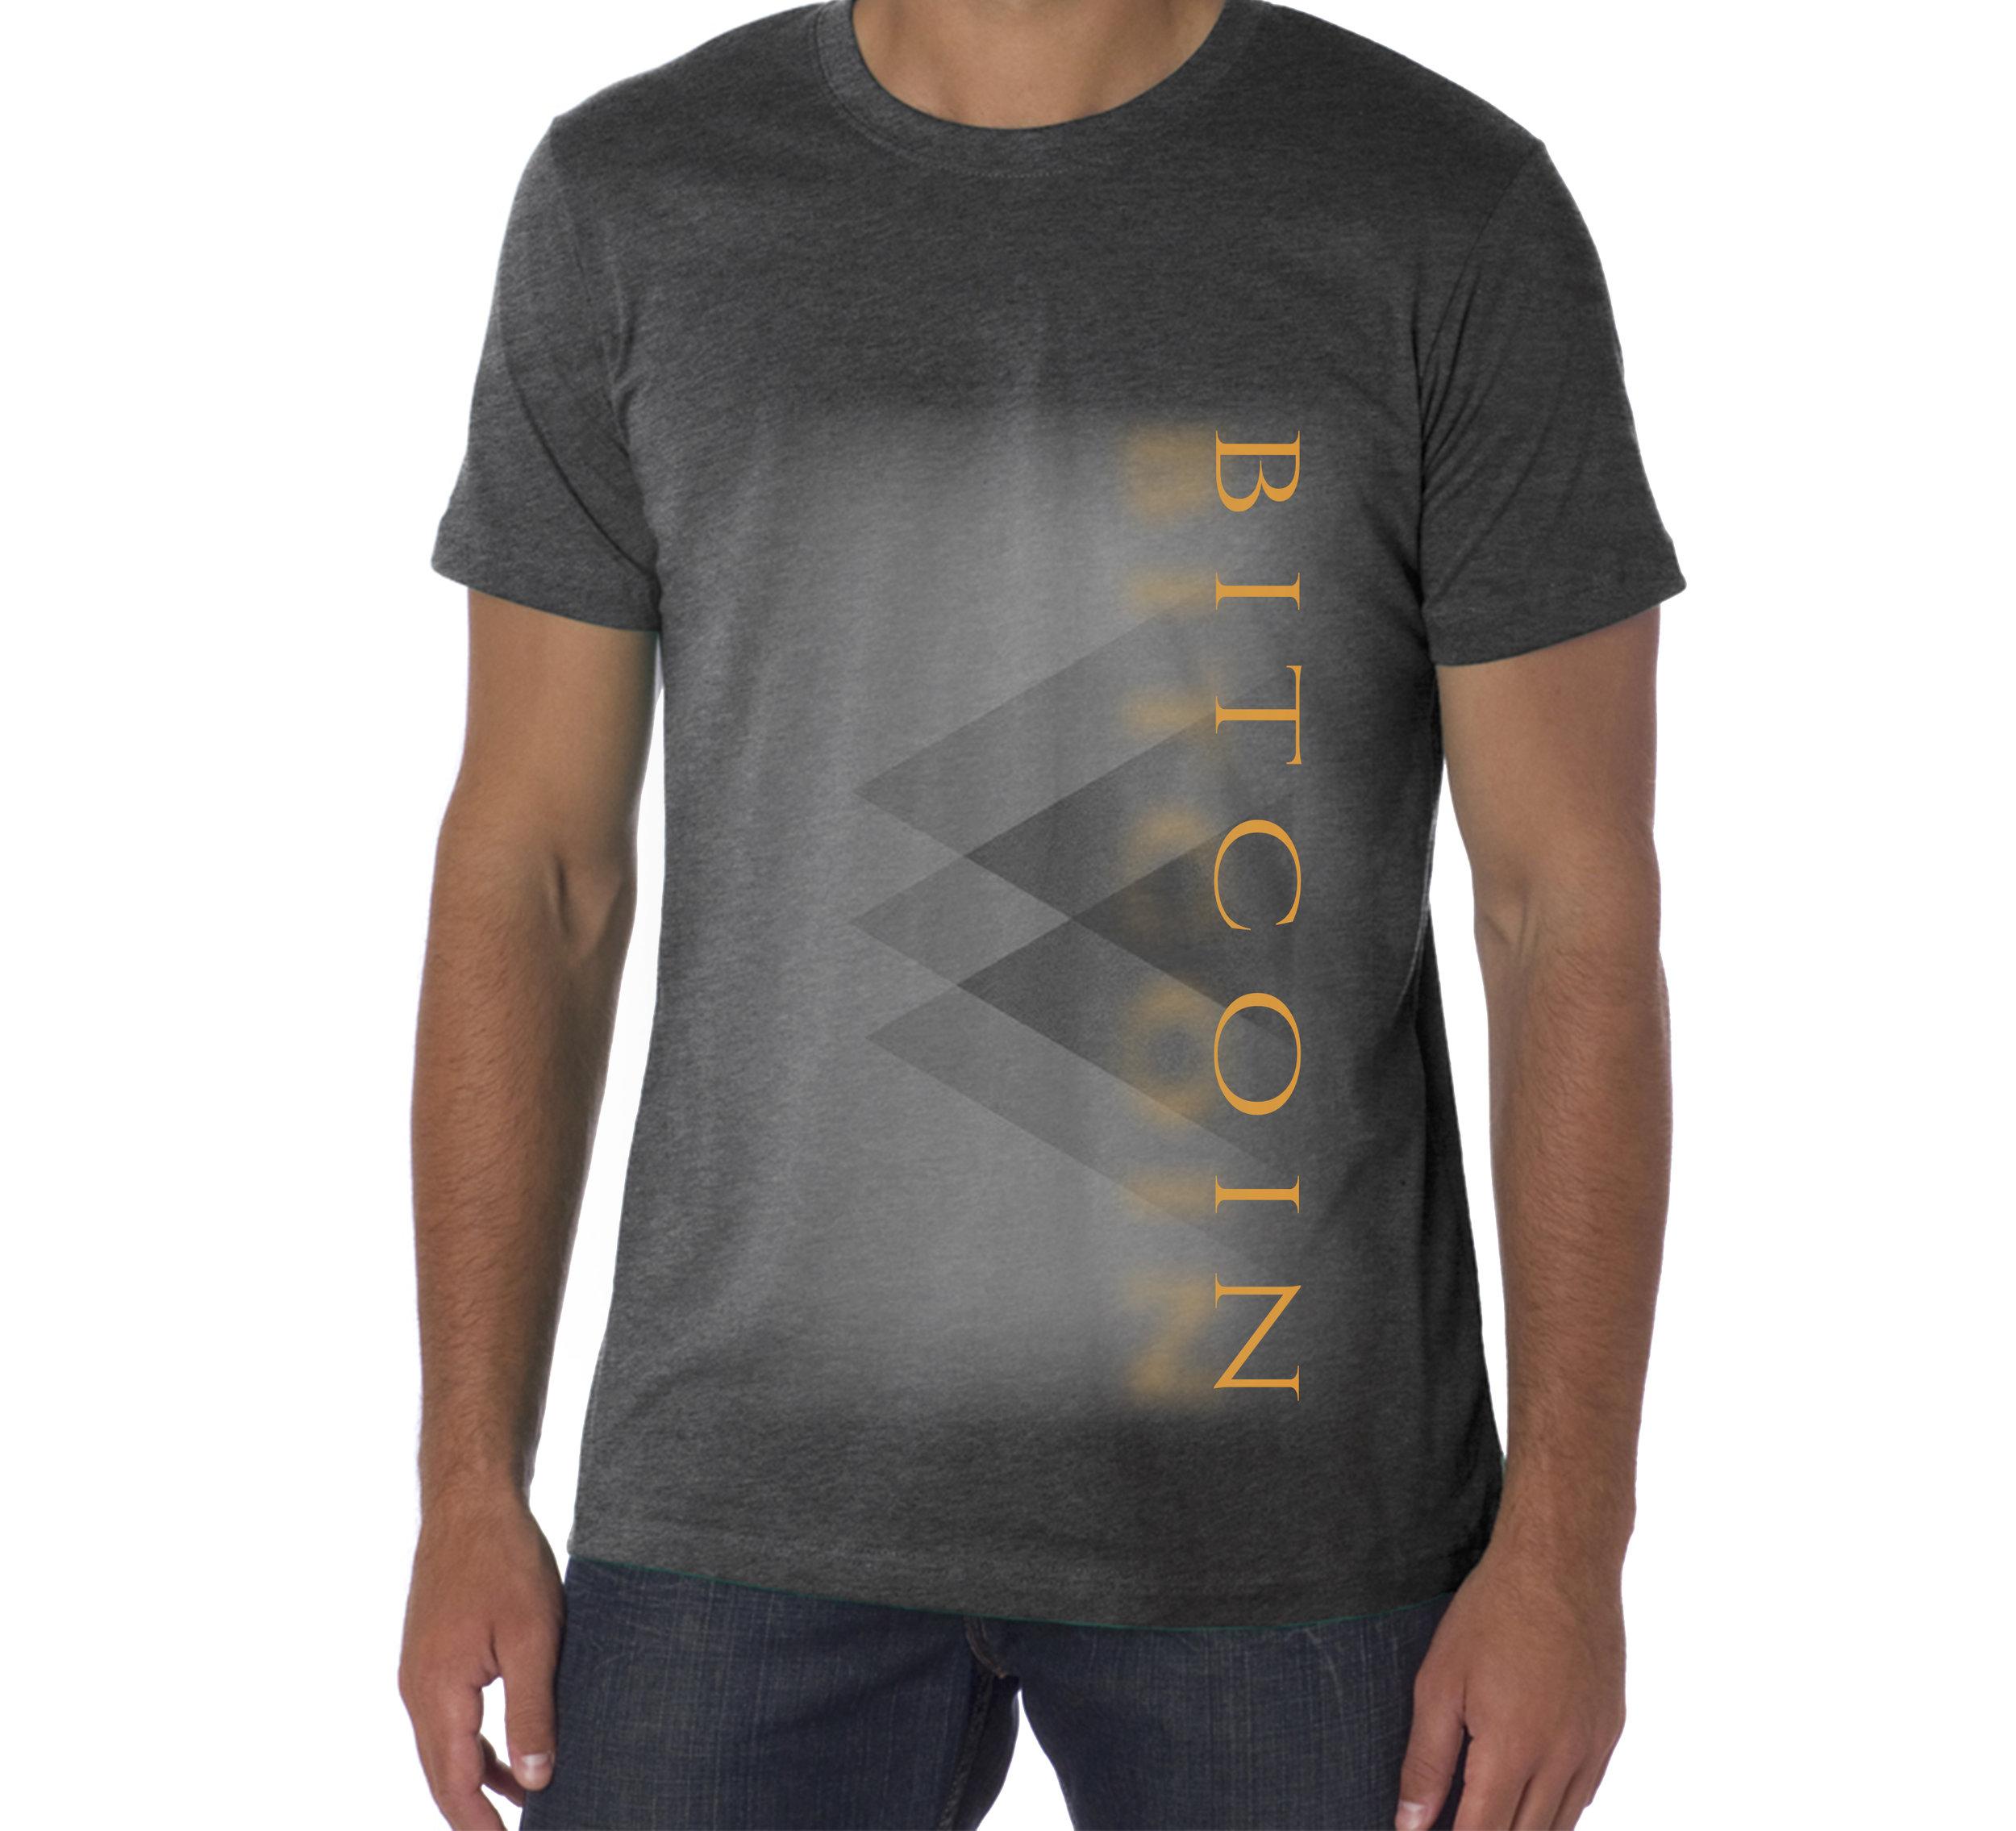 ShirtFinal1.jpg